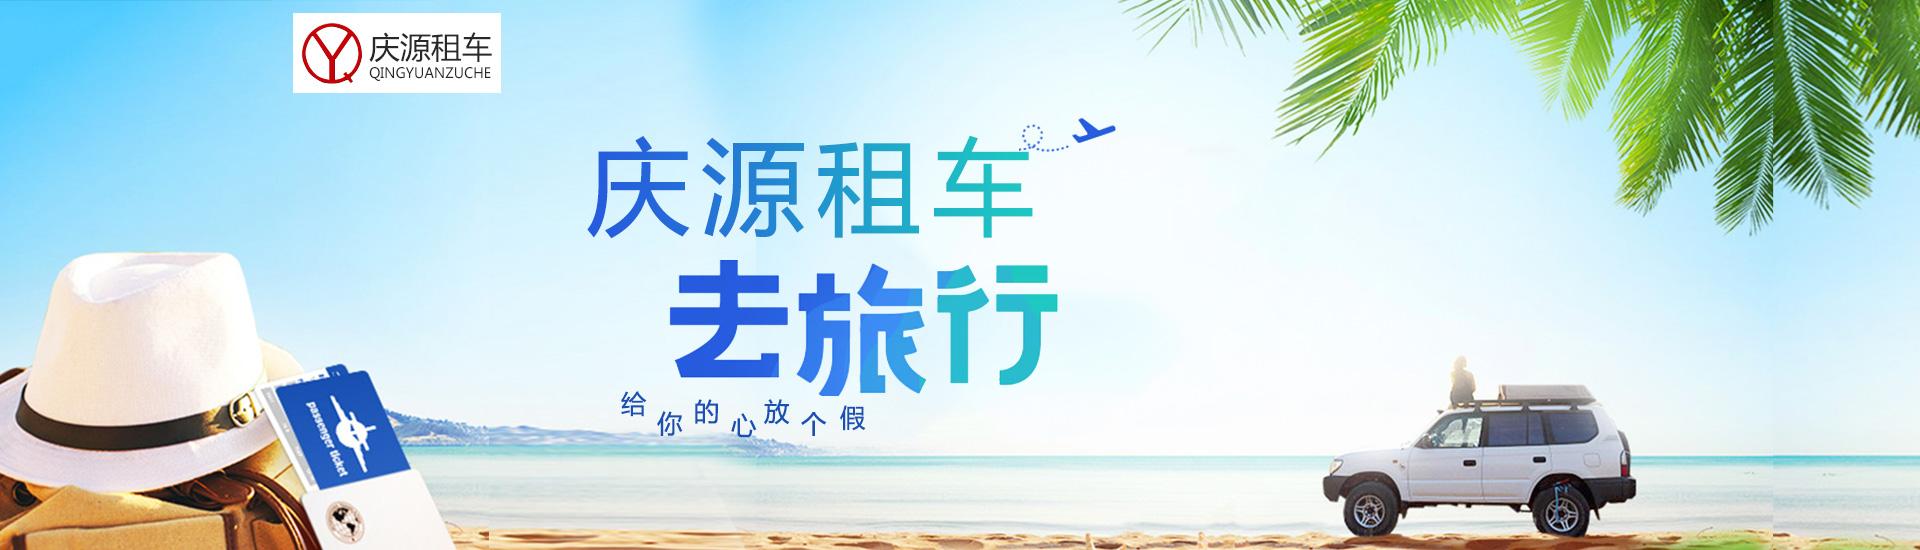 甘肃庆源汽车服务有限公司